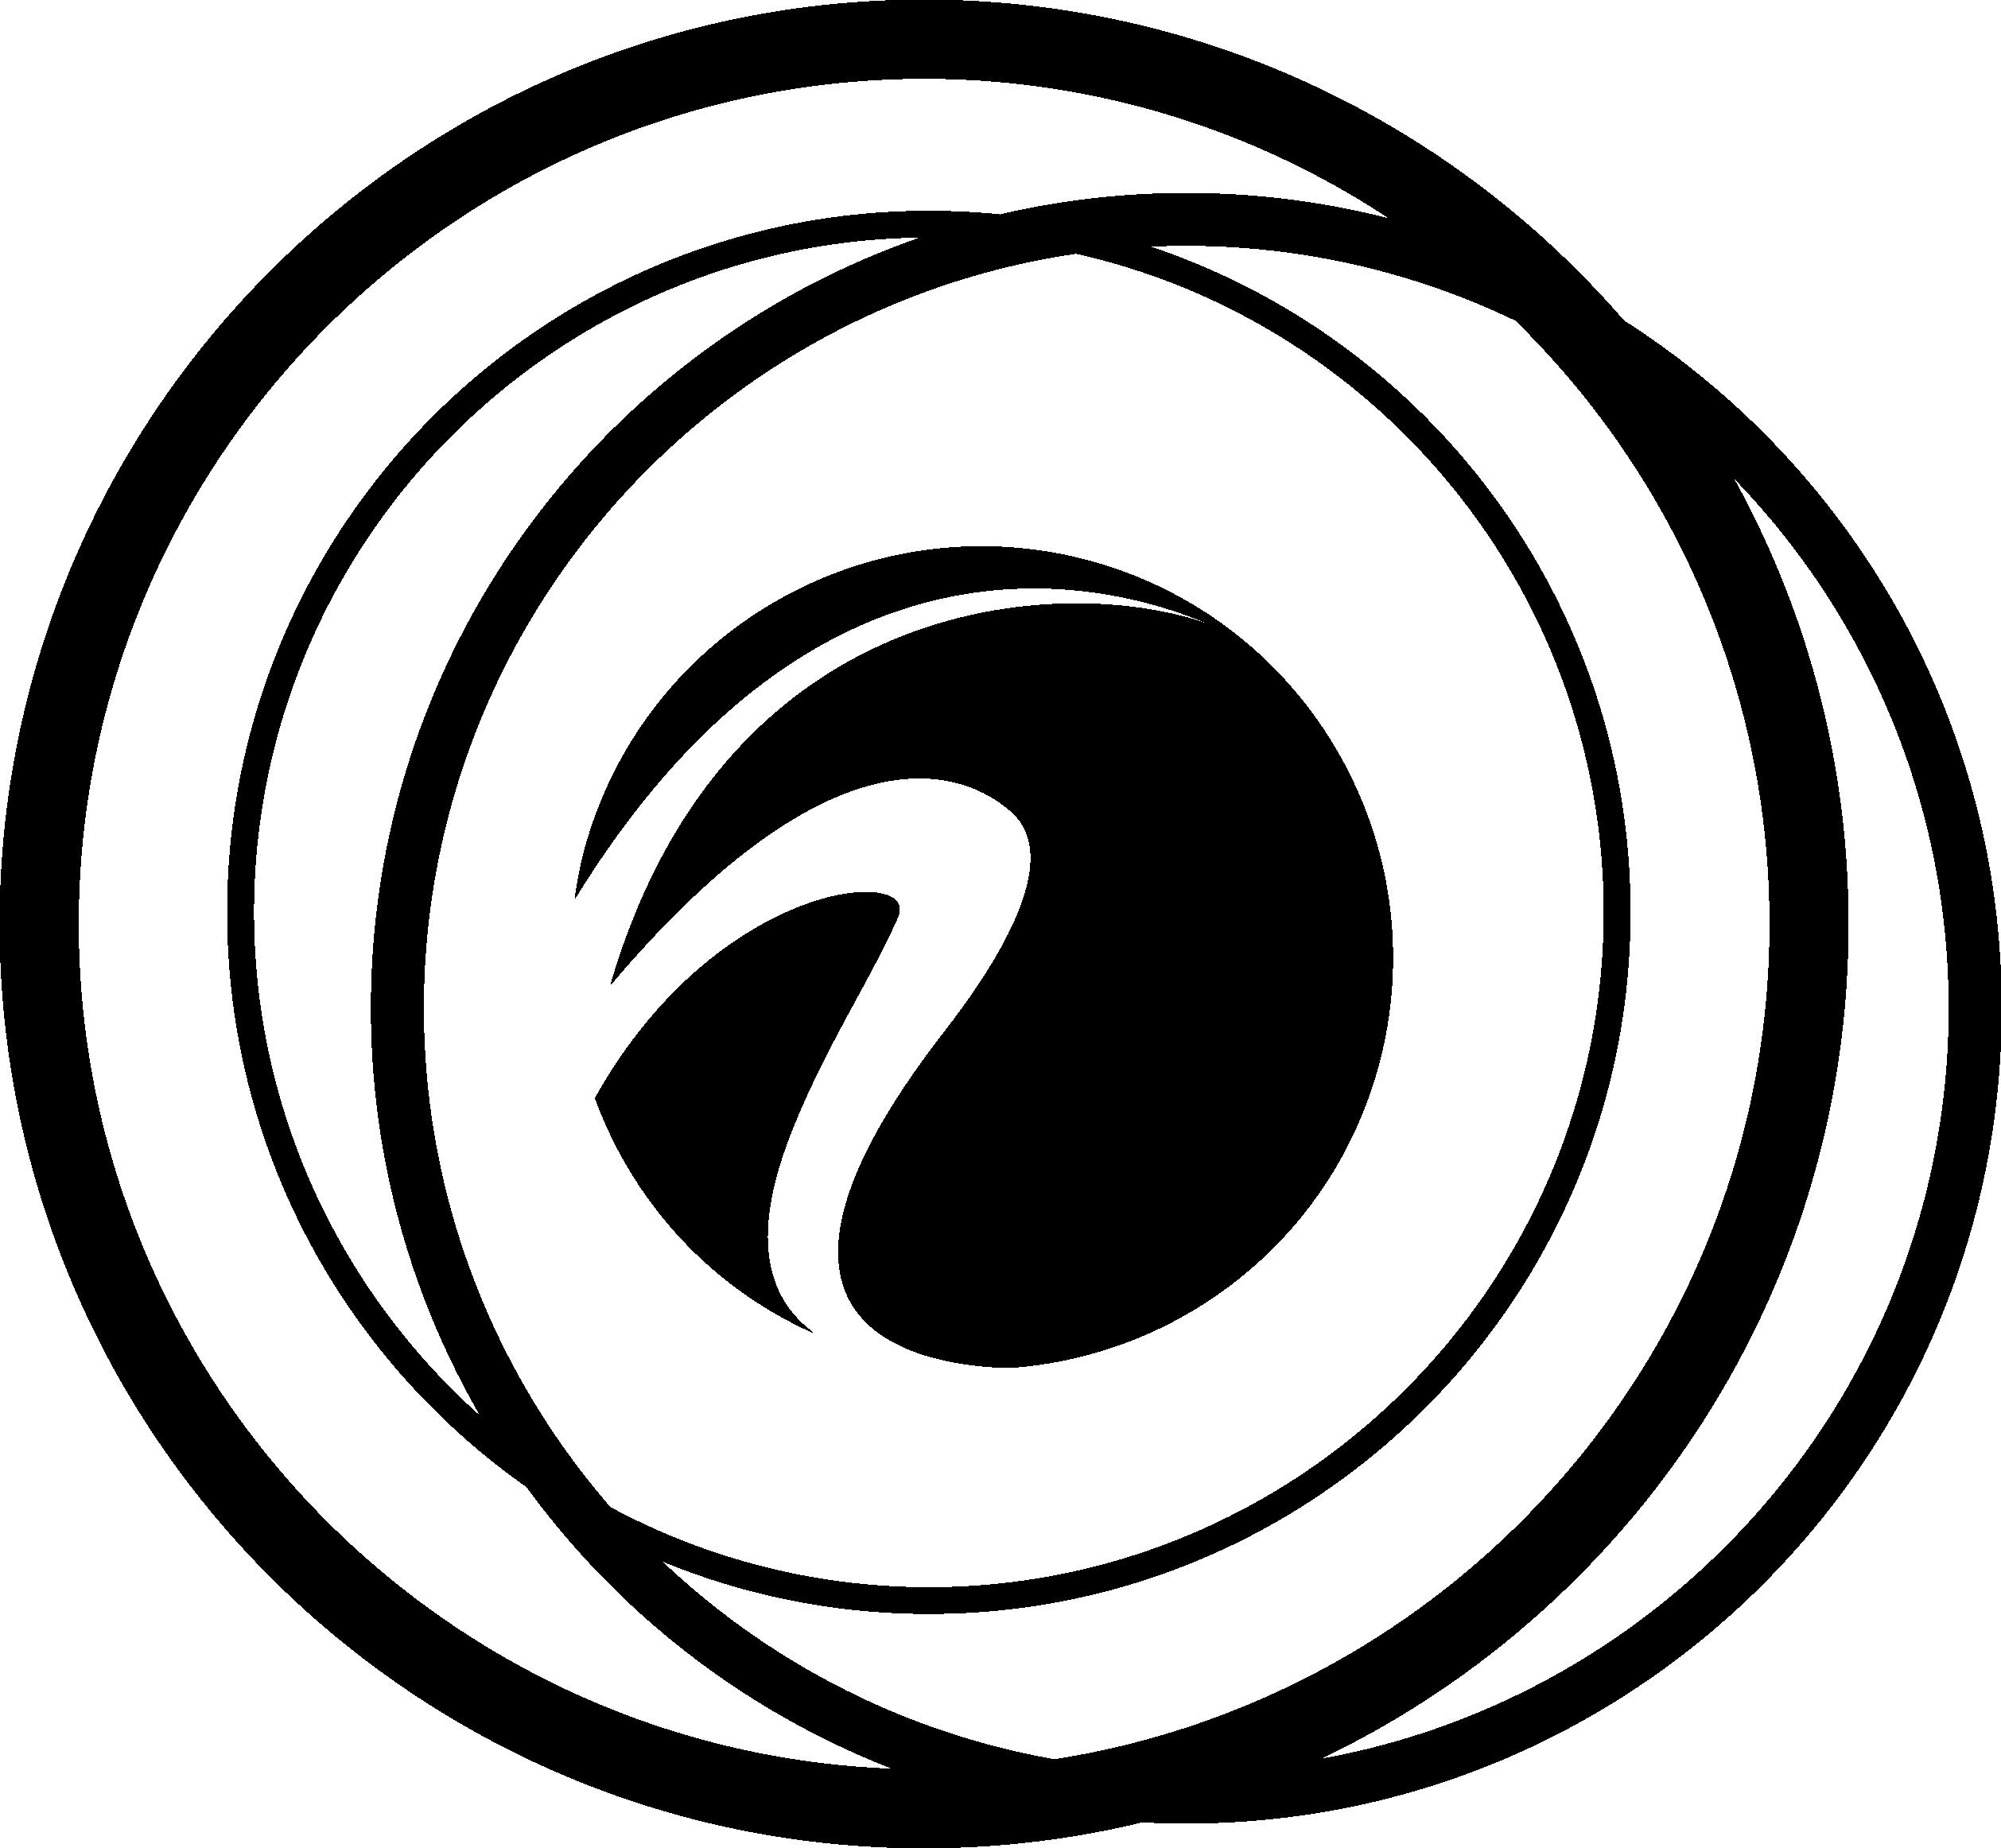 ホップコンサルティングのロゴデザイン